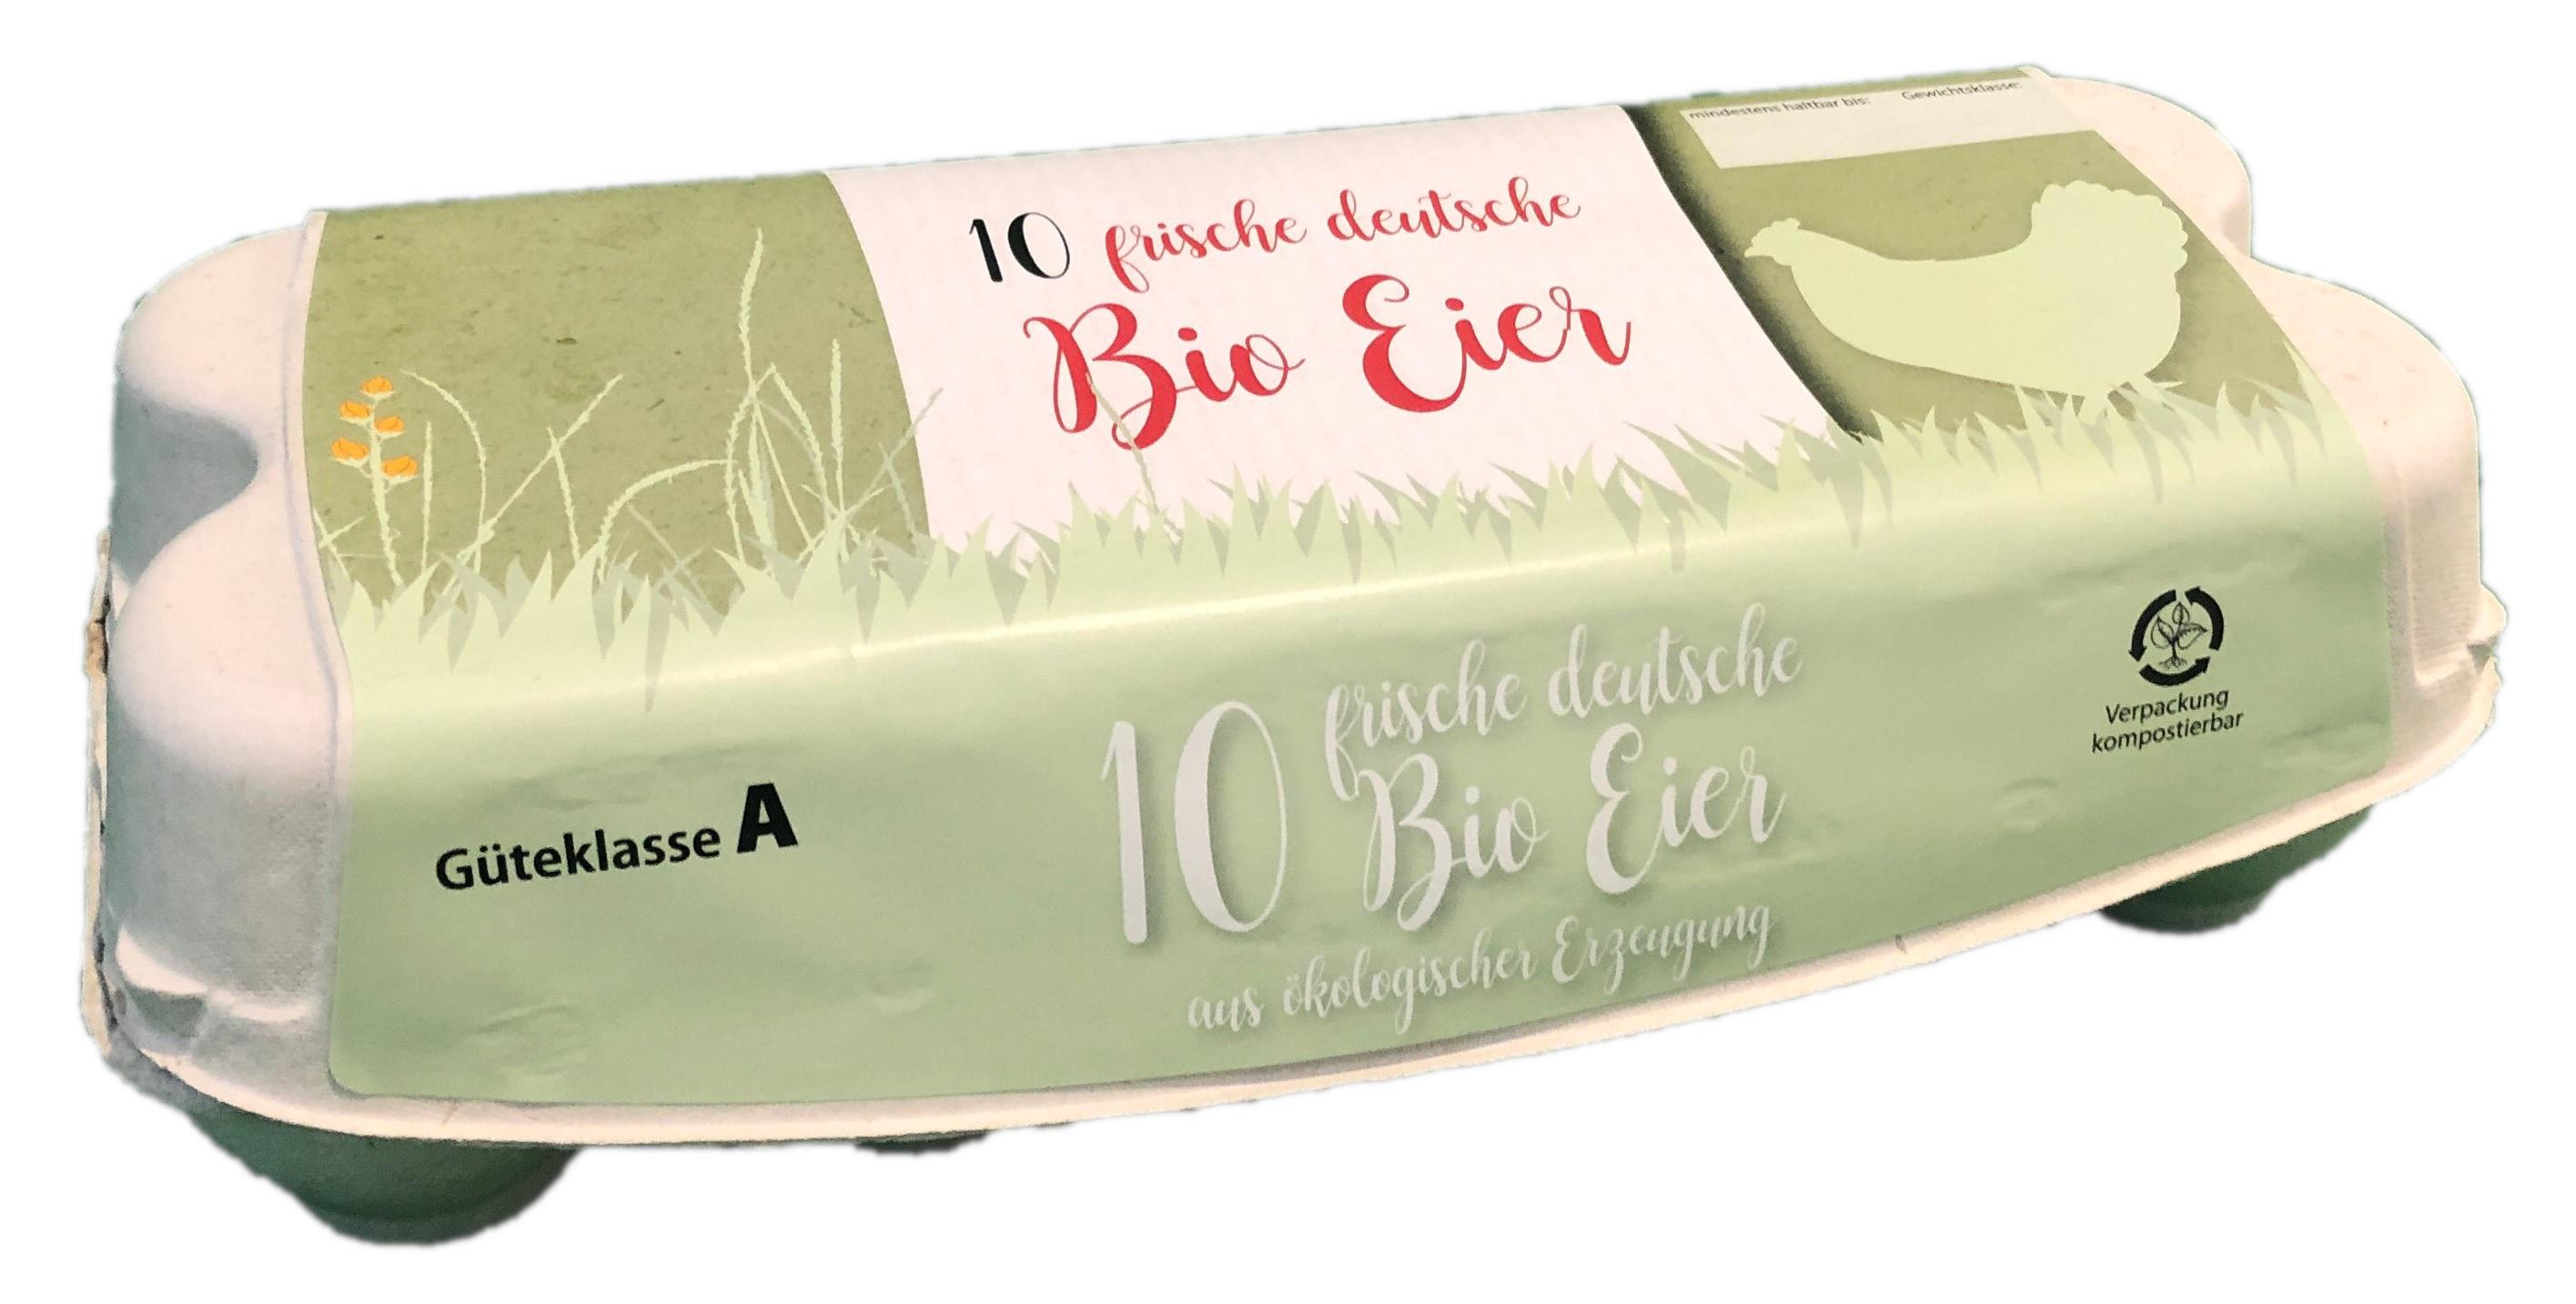 Omni 10er Standrad Druck Bio ökoligische Erzeugung